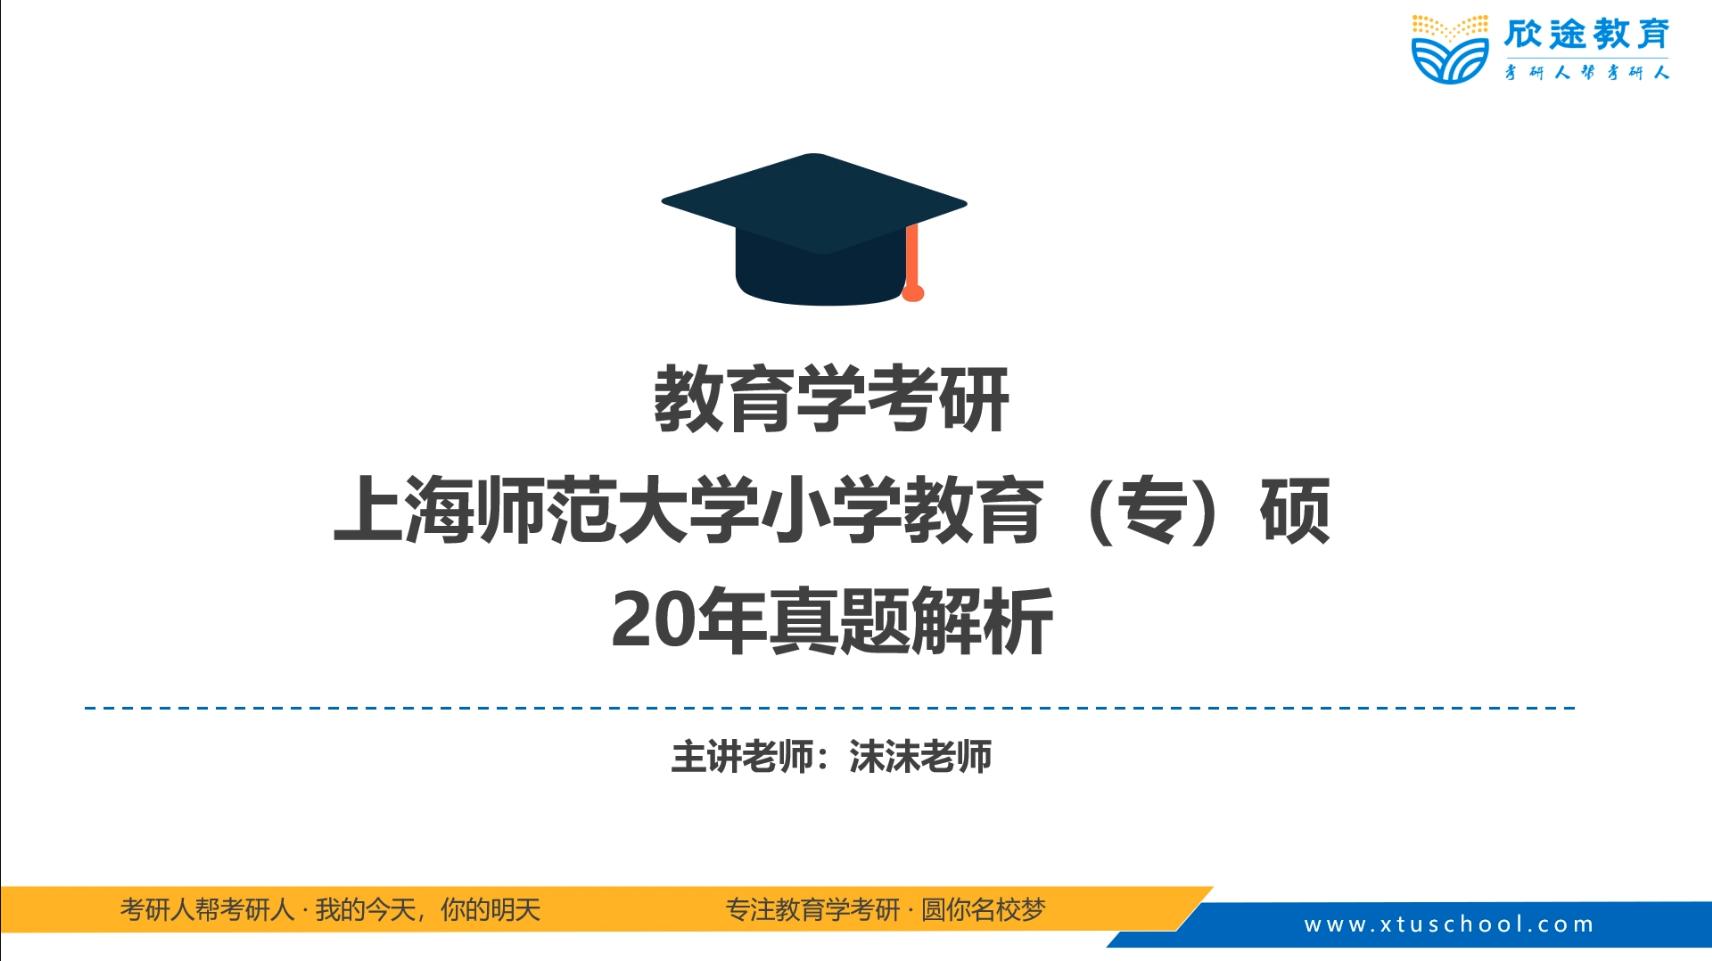 【2021教育学考研】上海师范大学(小学教育)冲刺真题解析试听课